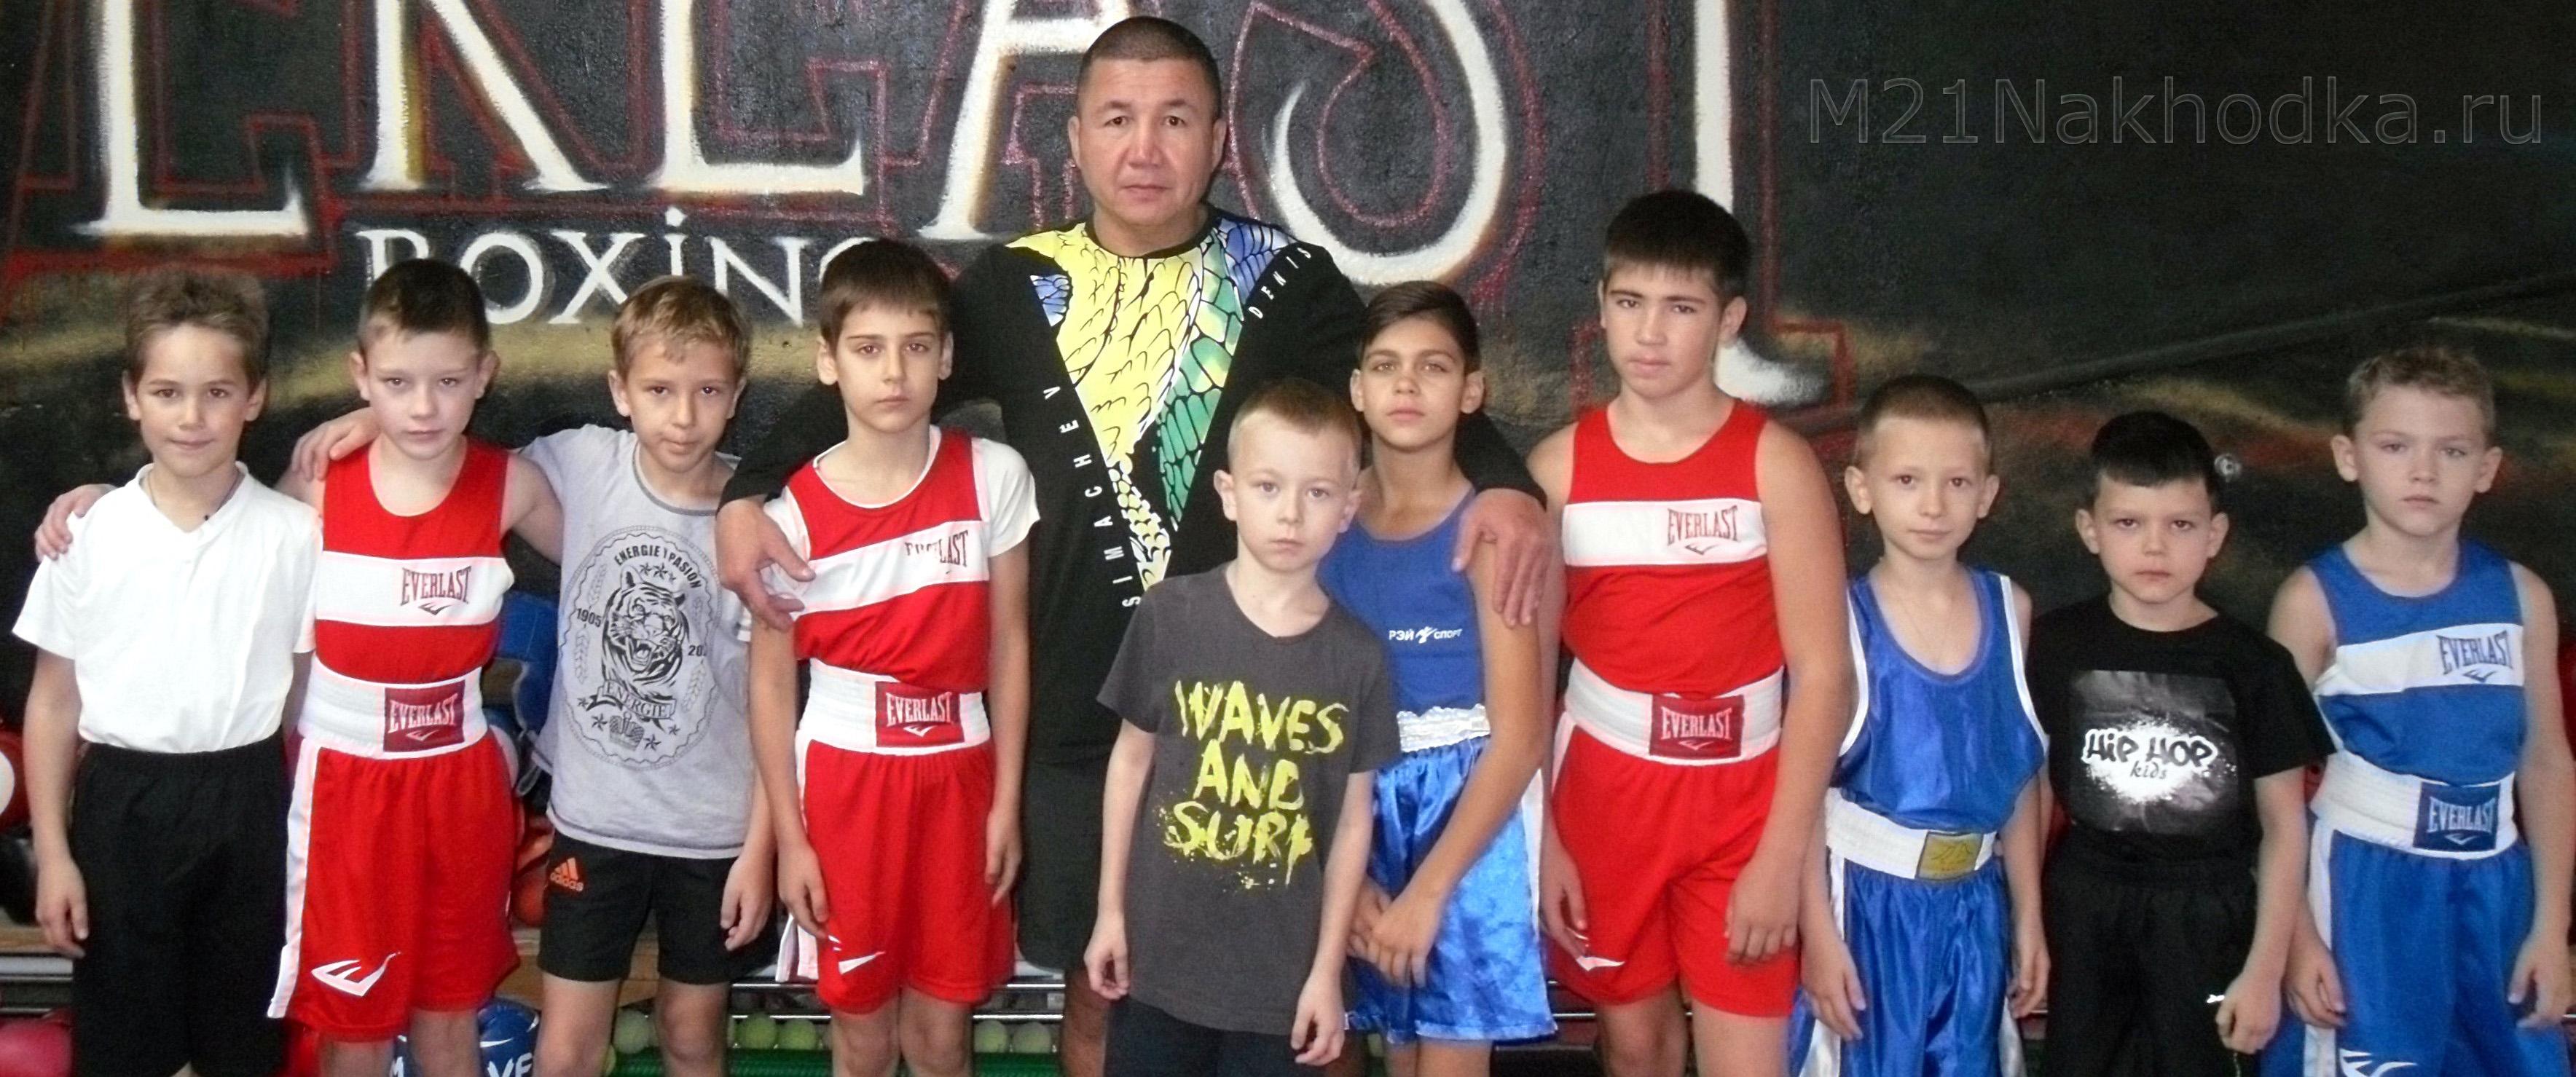 Абай БАЙТЕМИЗОВ, thumb